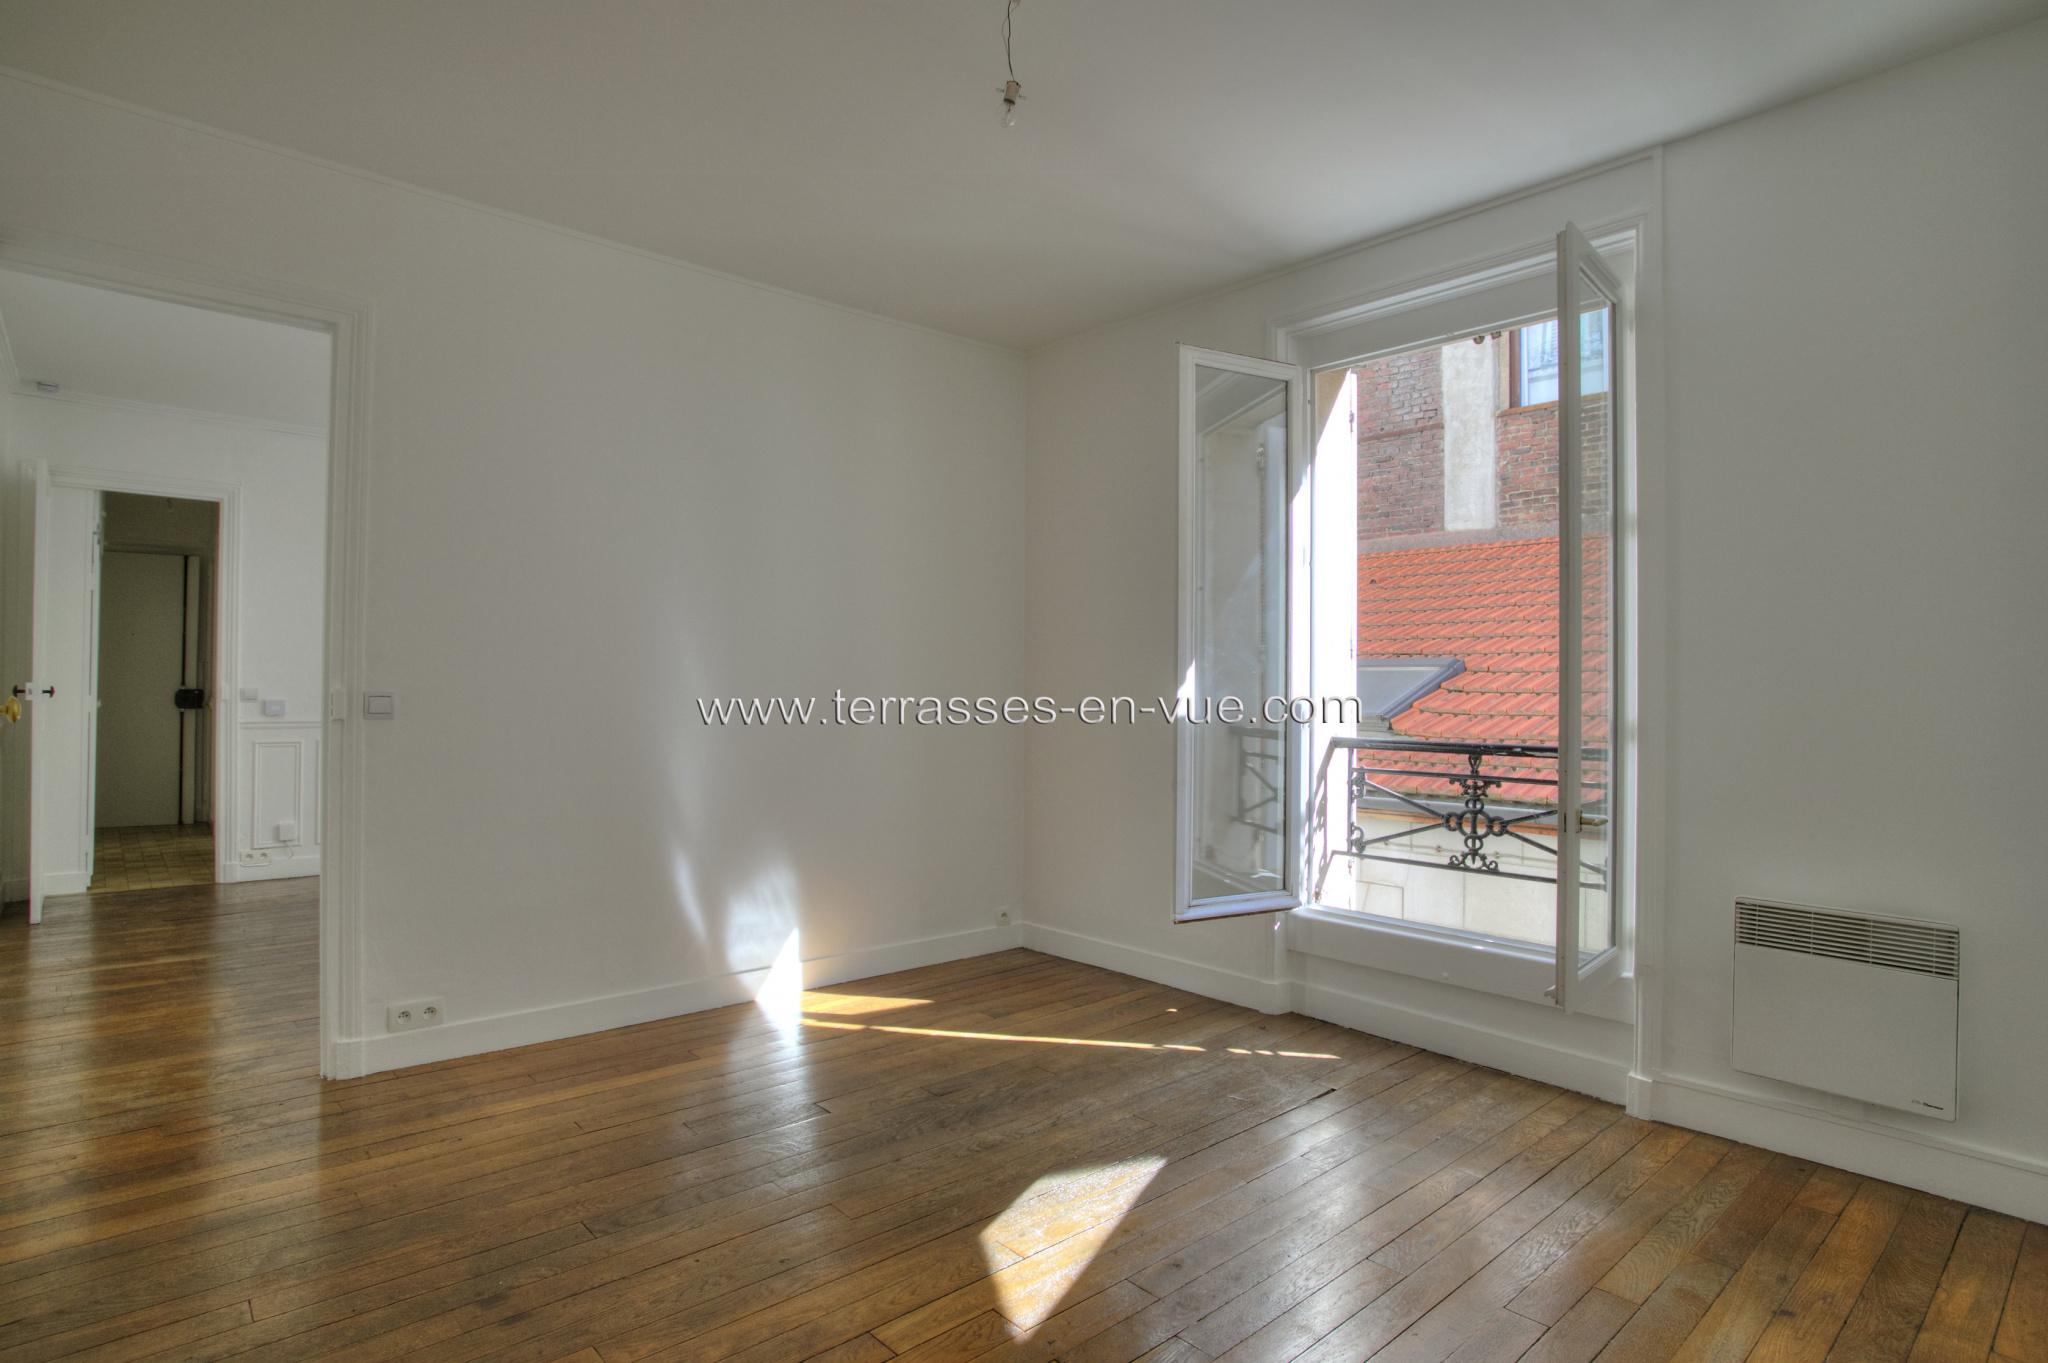 Appartement À vendre - Saint-Ouen / 93400